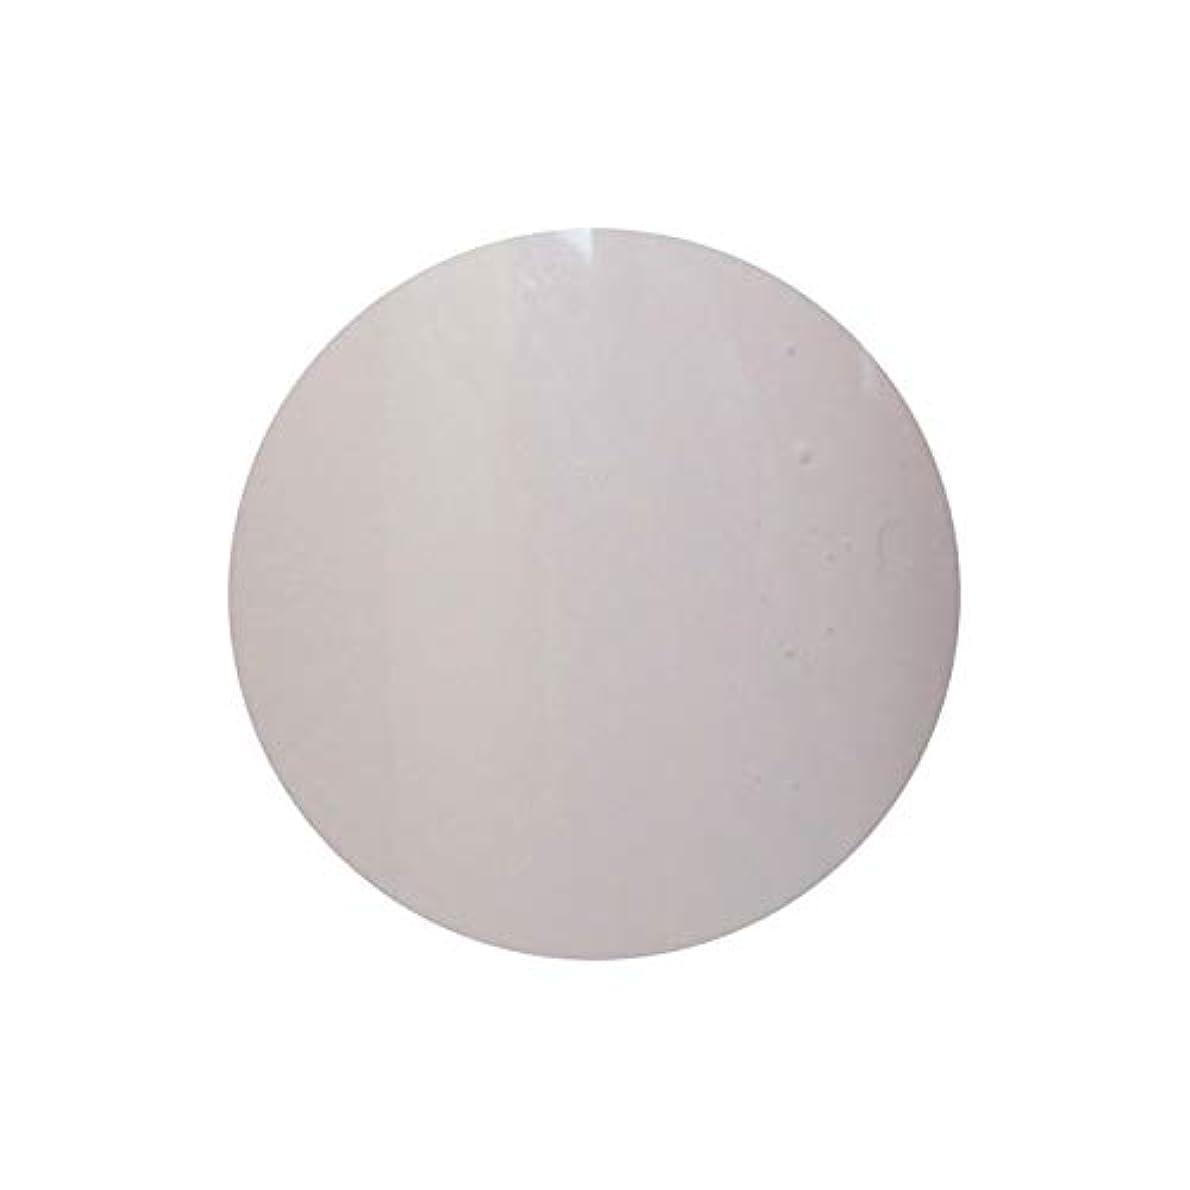 NEW】T-GEL COLLECTION カラージェル D220 モカホワイト 4ml